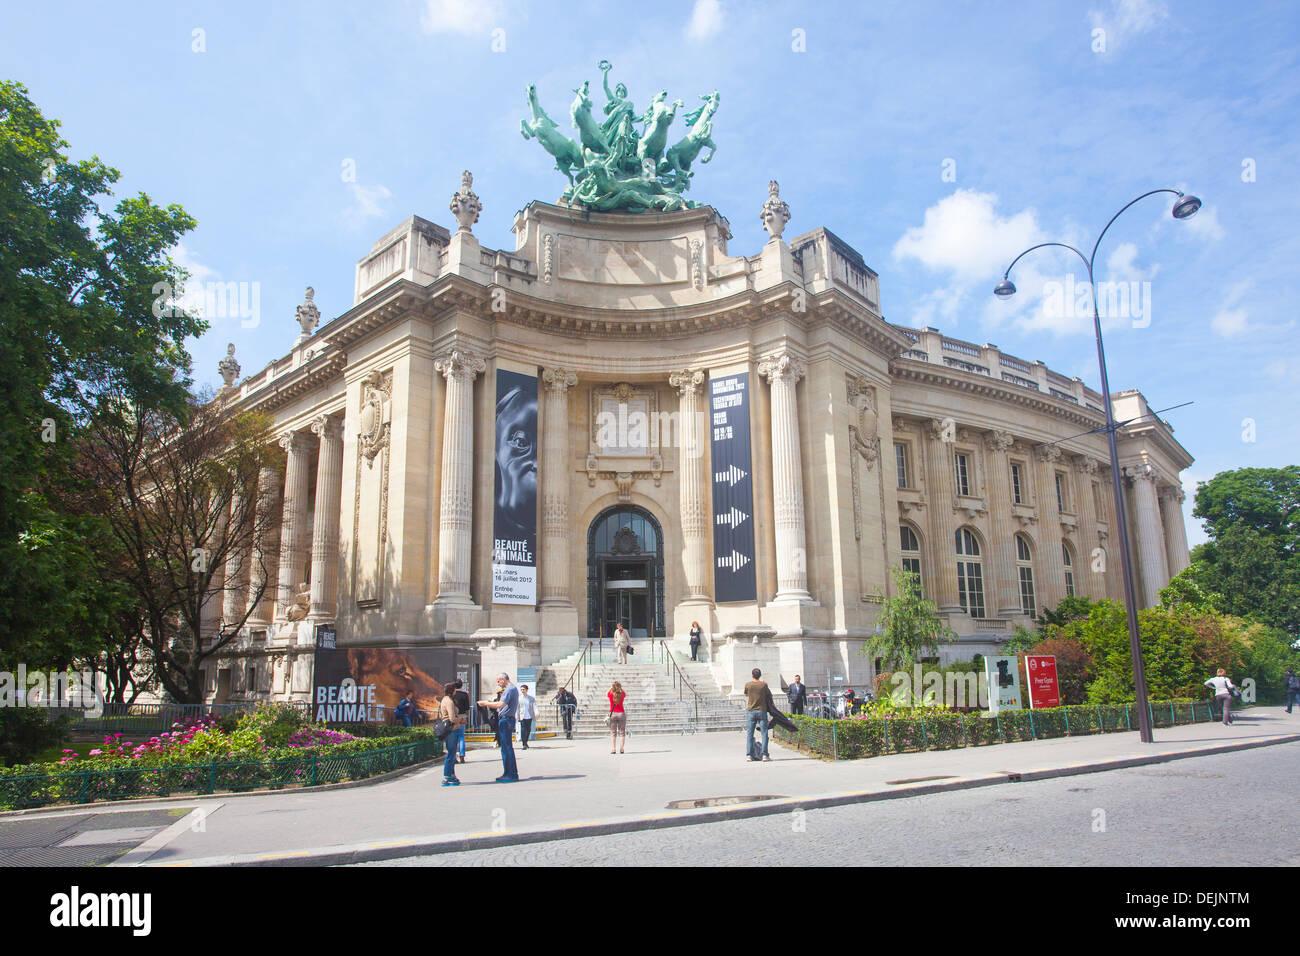 Front Entrance to Le Grand Palais Des Beaux-Arts in The Grand Palais des Champs-Élysées, Paris France Stock Photo